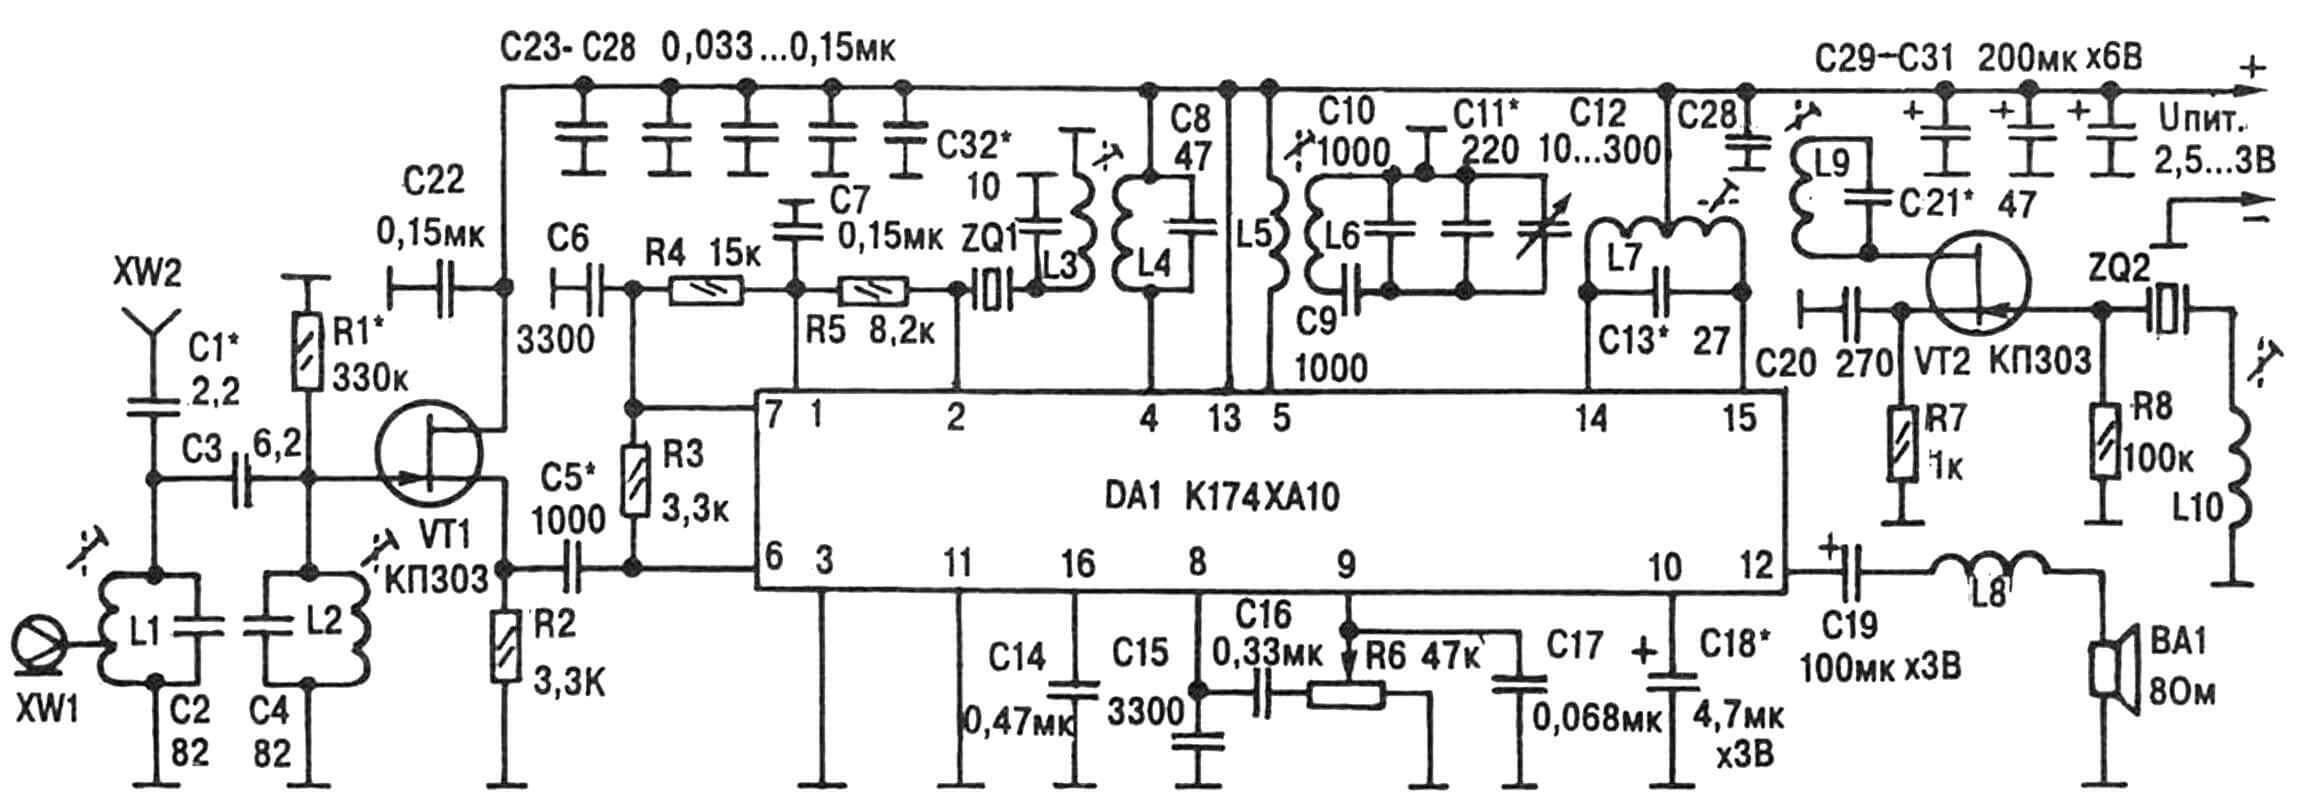 Принципиальная электрическая схема приемника.